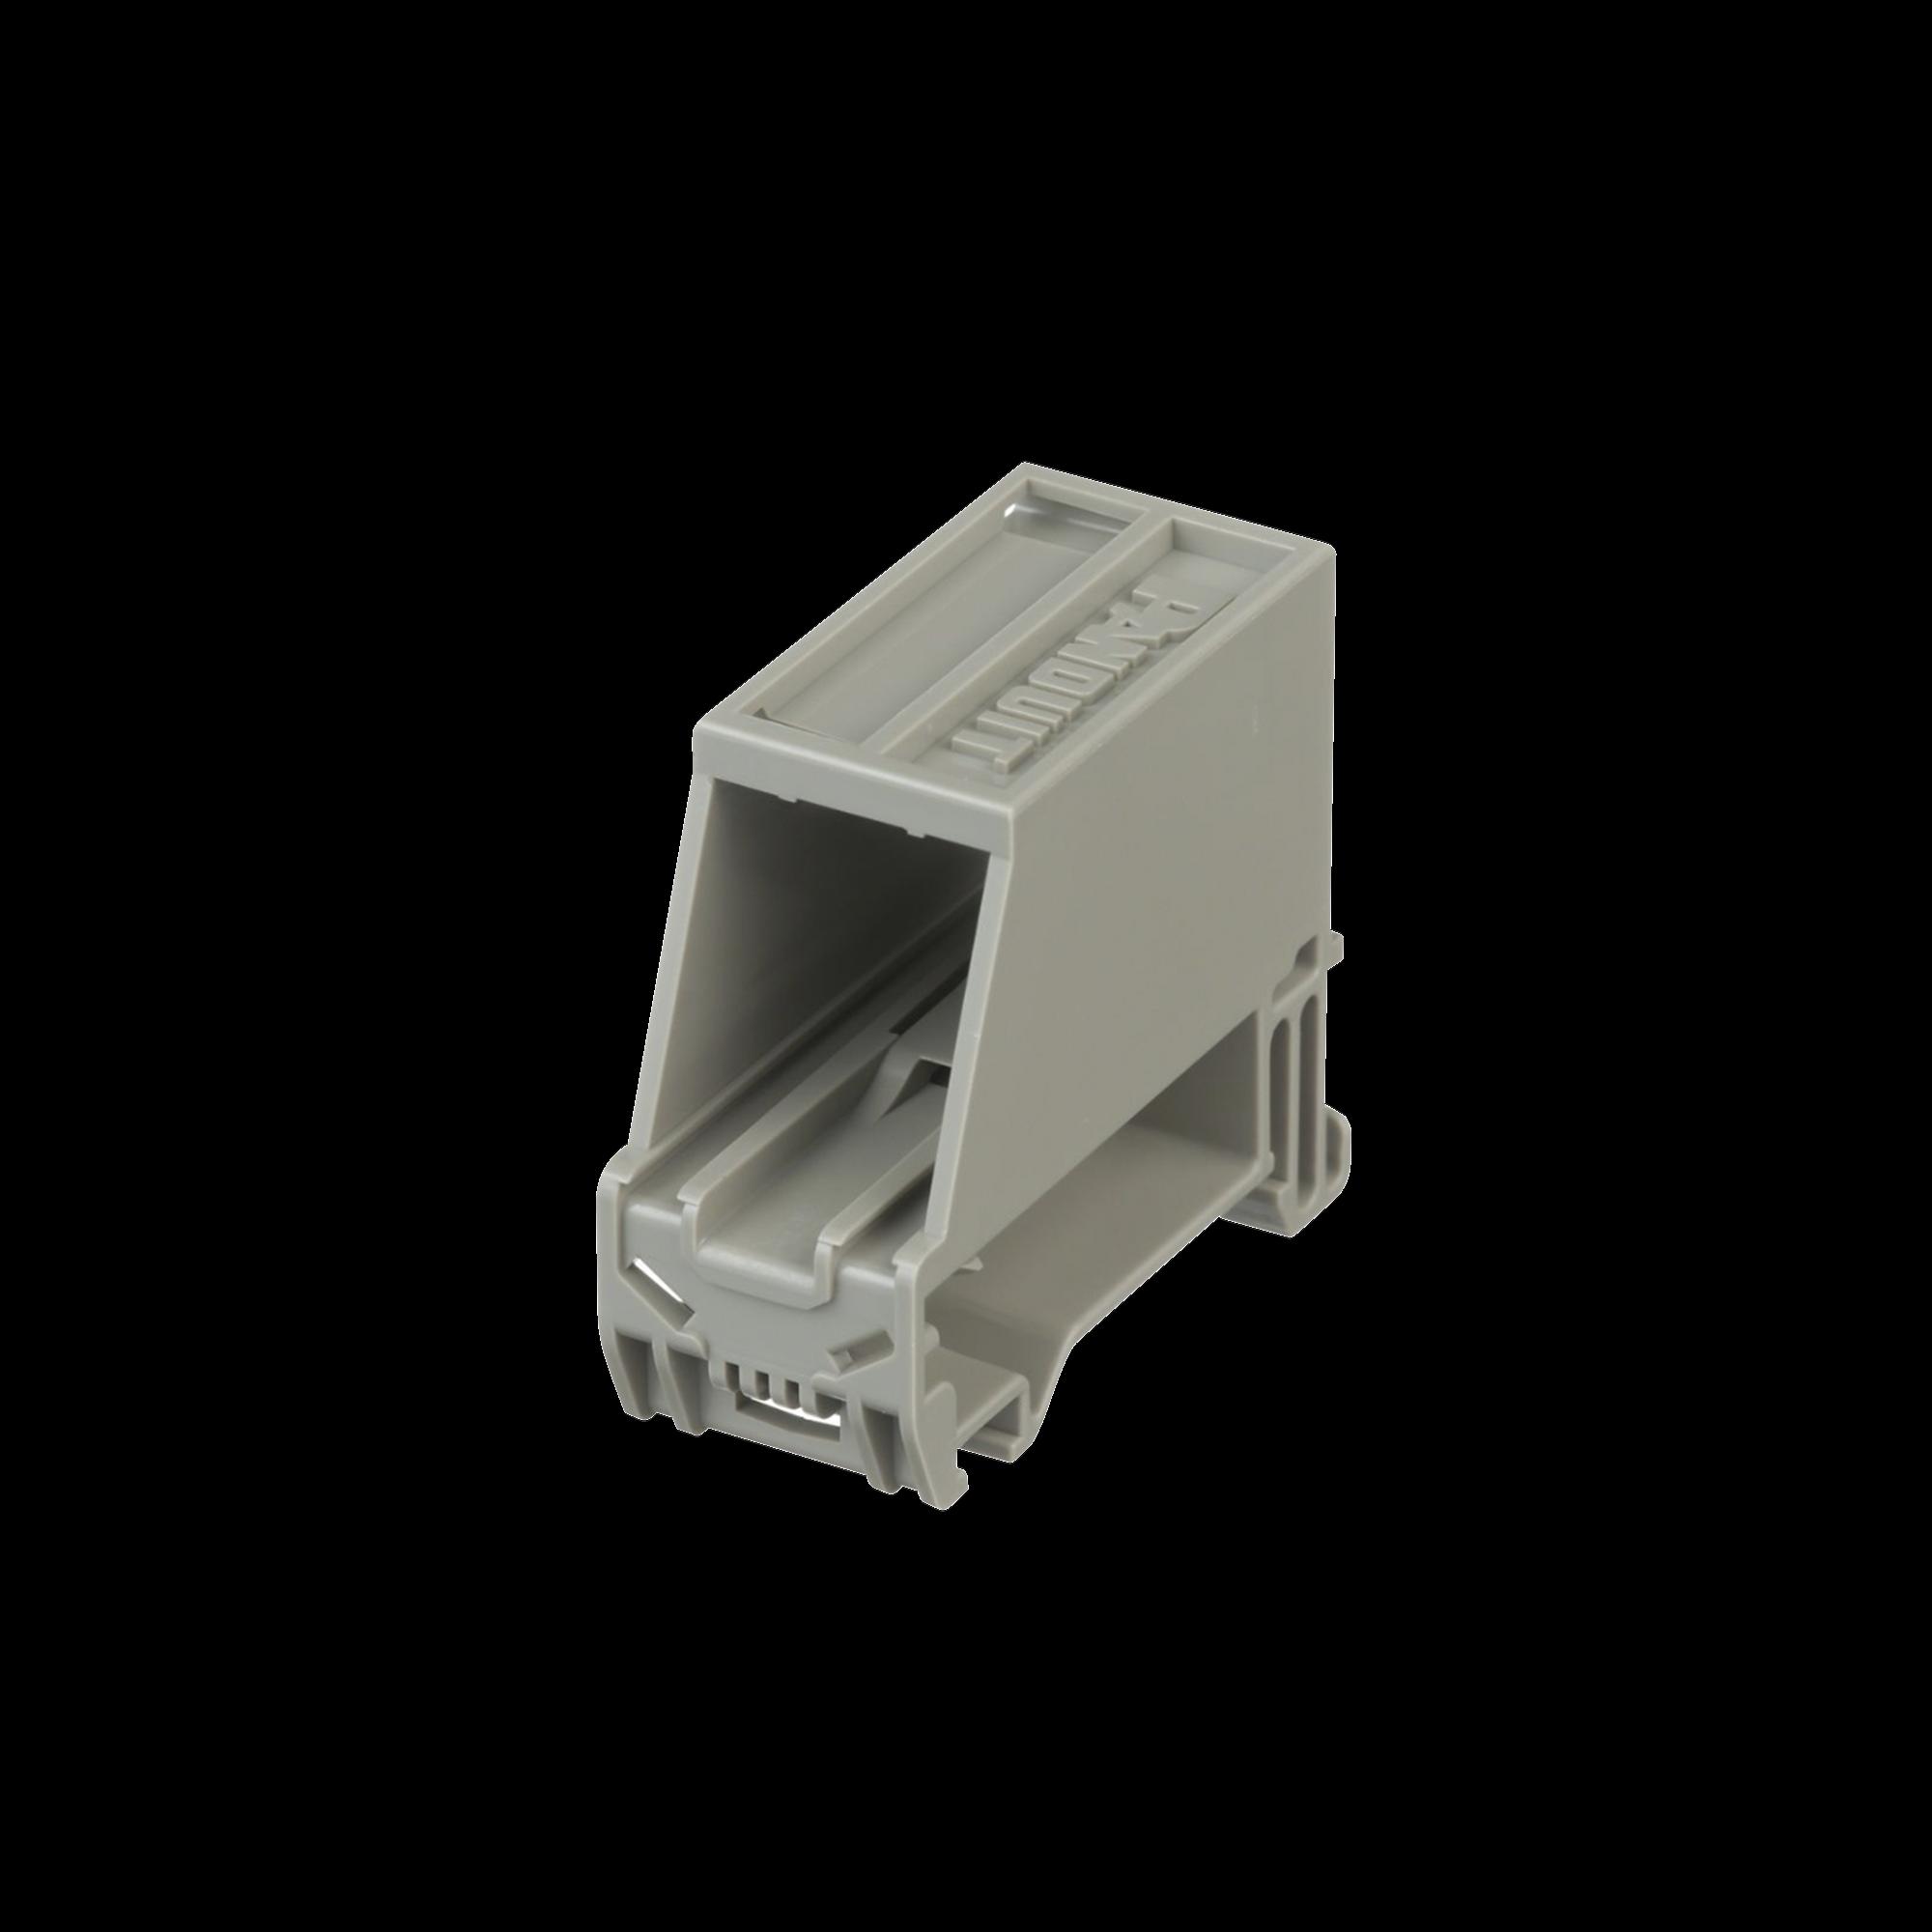 Adaptador de 1 Puerto, Para Conectores Tipo Mini-Com, Blindado, Montaje en Riel Din Estándar de 35mm, Color Gris Internacional